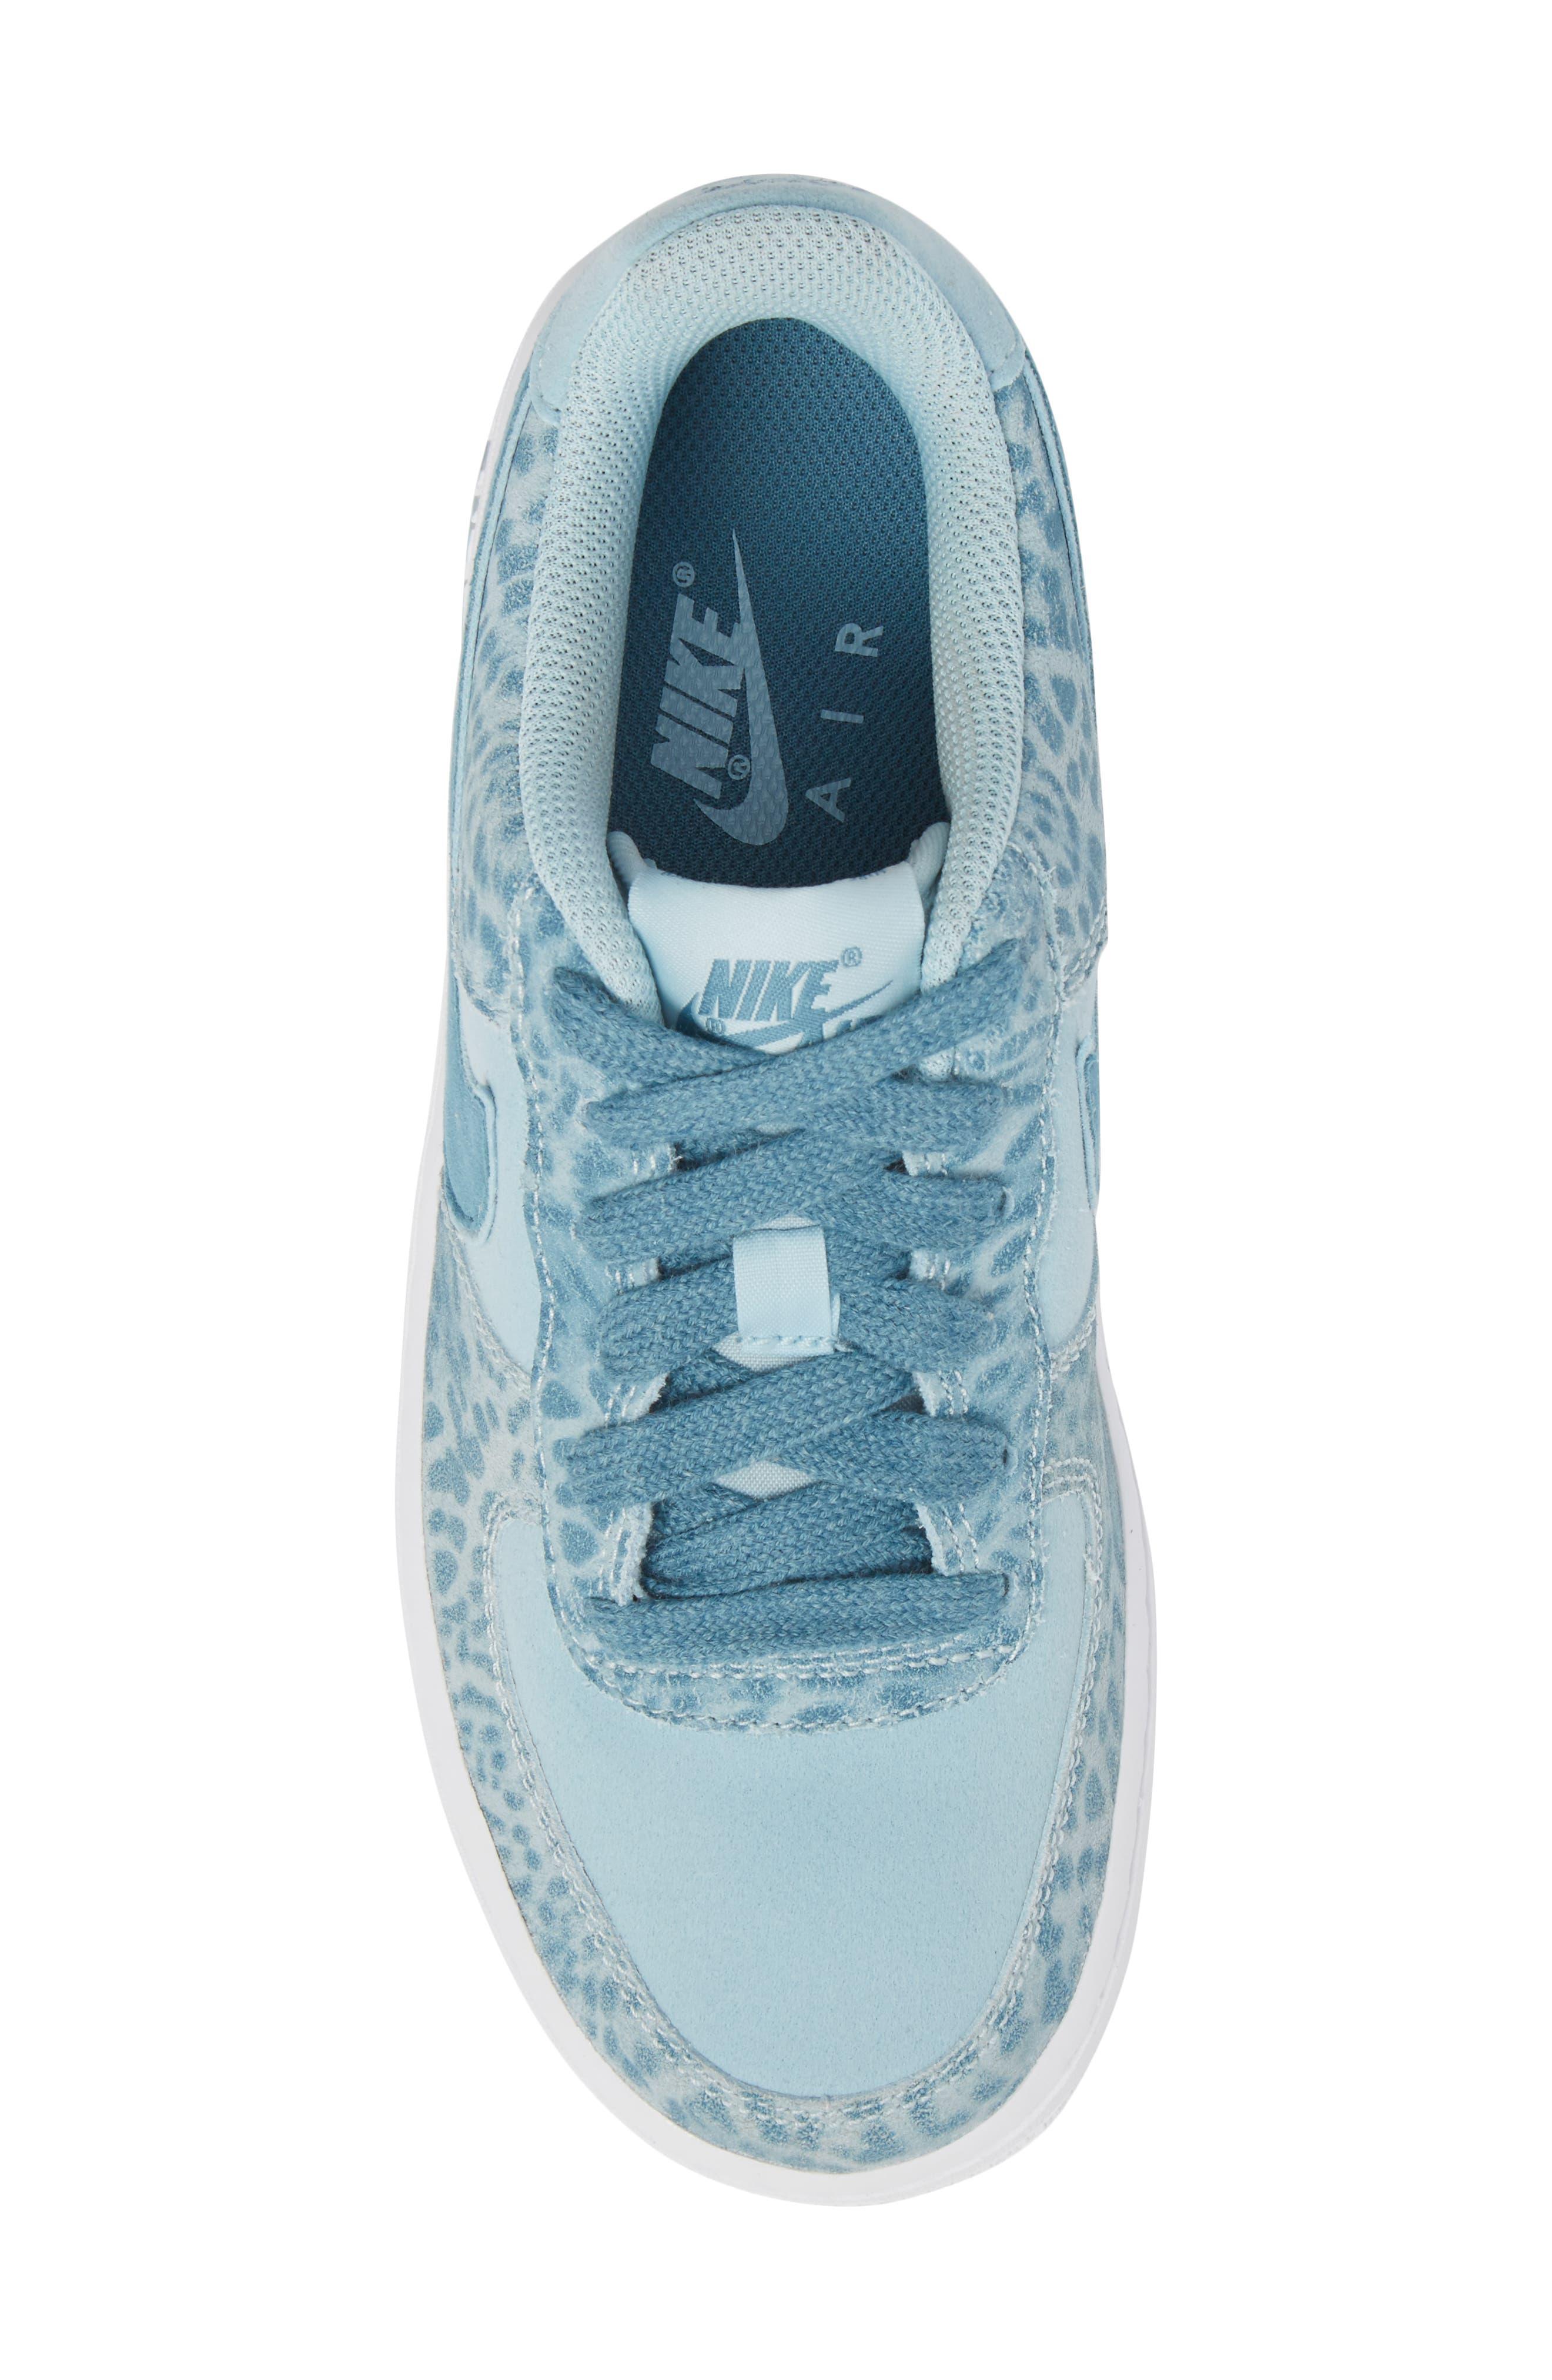 Air Force 1 LV8 Sneaker,                             Alternate thumbnail 5, color,                             Ocean Bliss/ Noise Aqua/ White